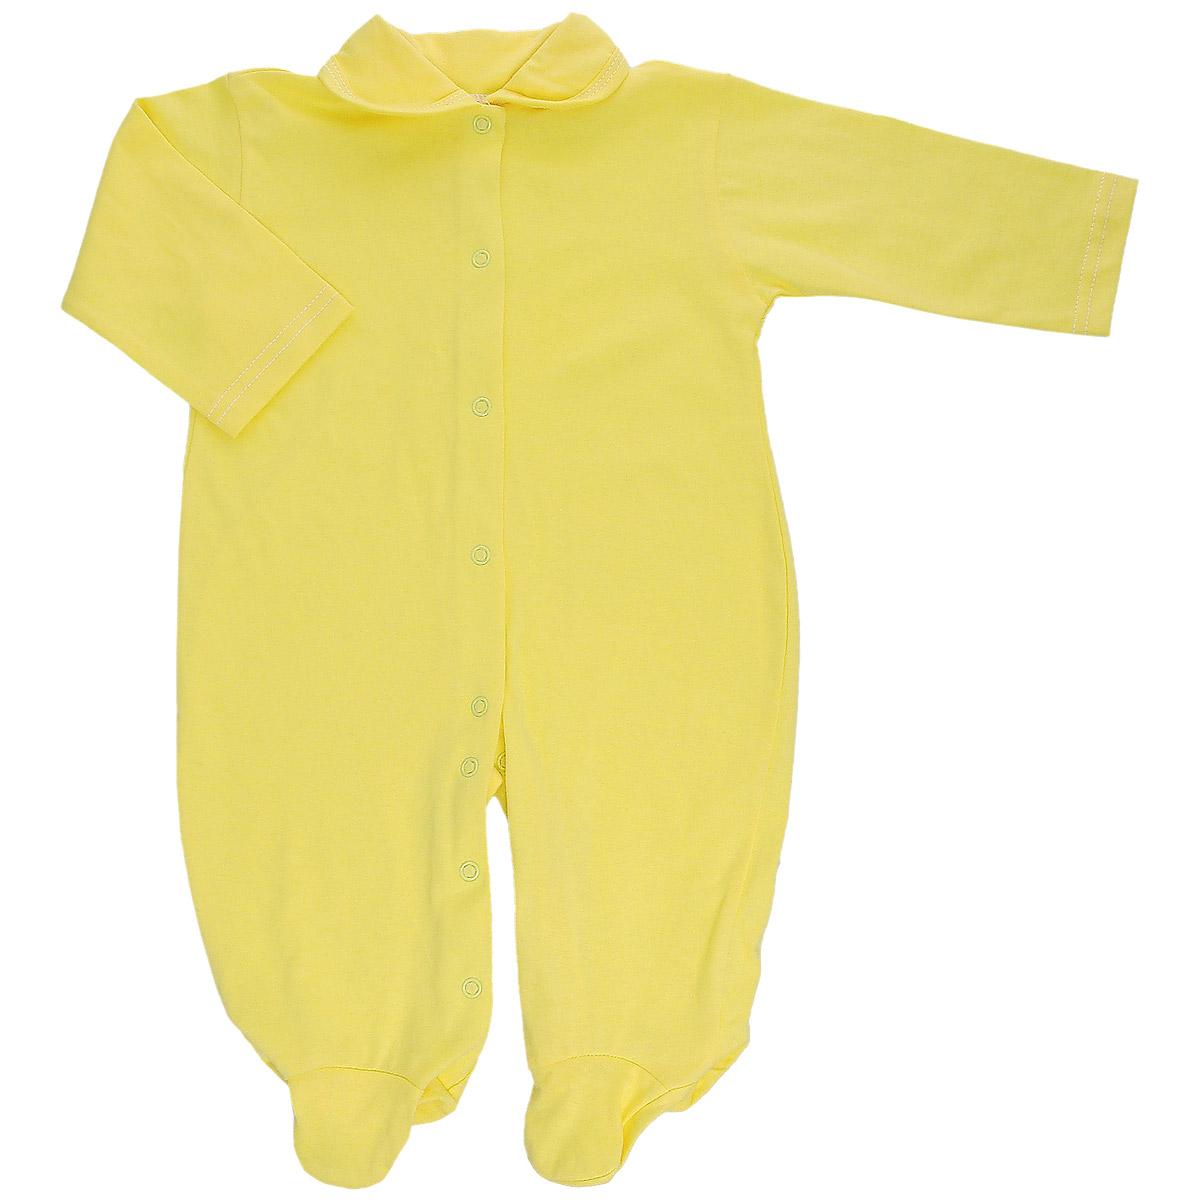 Комбинезон детский. 58055805Детский комбинезон Трон-Плюс - очень удобный и практичный вид одежды для малышей. Комбинезон выполнен из кулирного полотна - натурального хлопка, благодаря чему он необычайно мягкий и приятный на ощупь, не раздражает нежную кожу ребенка, и хорошо вентилируются, а эластичные швы приятны телу малыша и не препятствуют его движениям. Комбинезон с длинными рукавами, закрытыми ножками и отложным воротничком имеет застежки-кнопки от горловины до щиколоток, которые помогают легко переодеть младенца или сменить подгузник. С детским комбинезоном спинка и ножки вашего малыша всегда будут в тепле, он идеален для использования днем и незаменим ночью. Комбинезон полностью соответствует особенностям жизни младенца в ранний период, не стесняя и не ограничивая его в движениях!